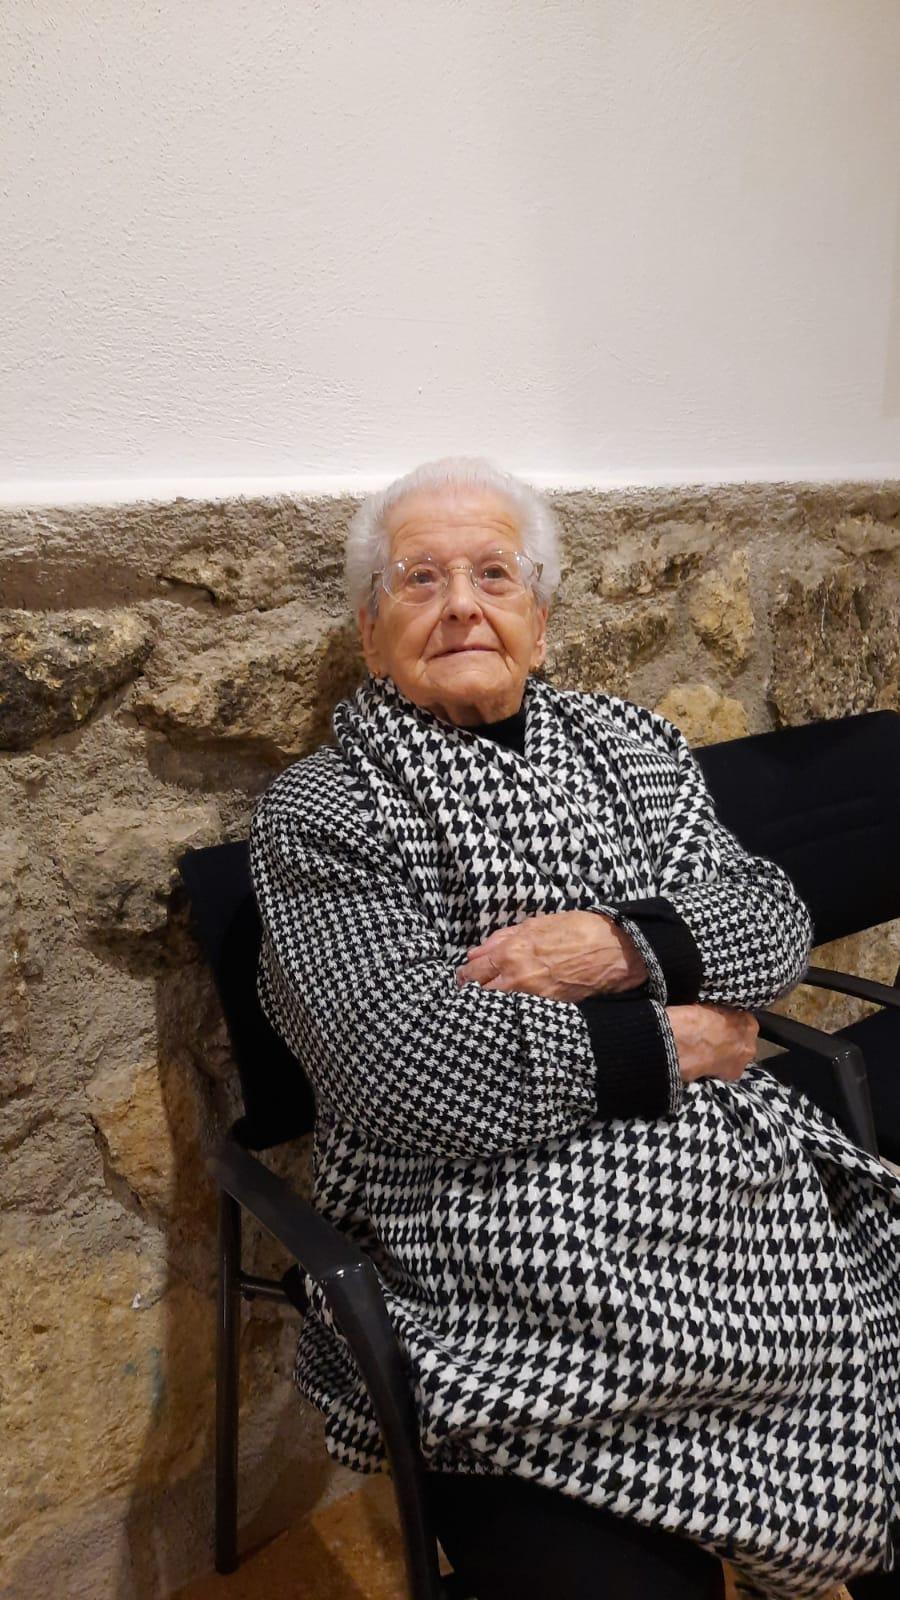 Carmen Huete, una de las vecinas centenarias de Montefrío, se vacuna de la COVID-19